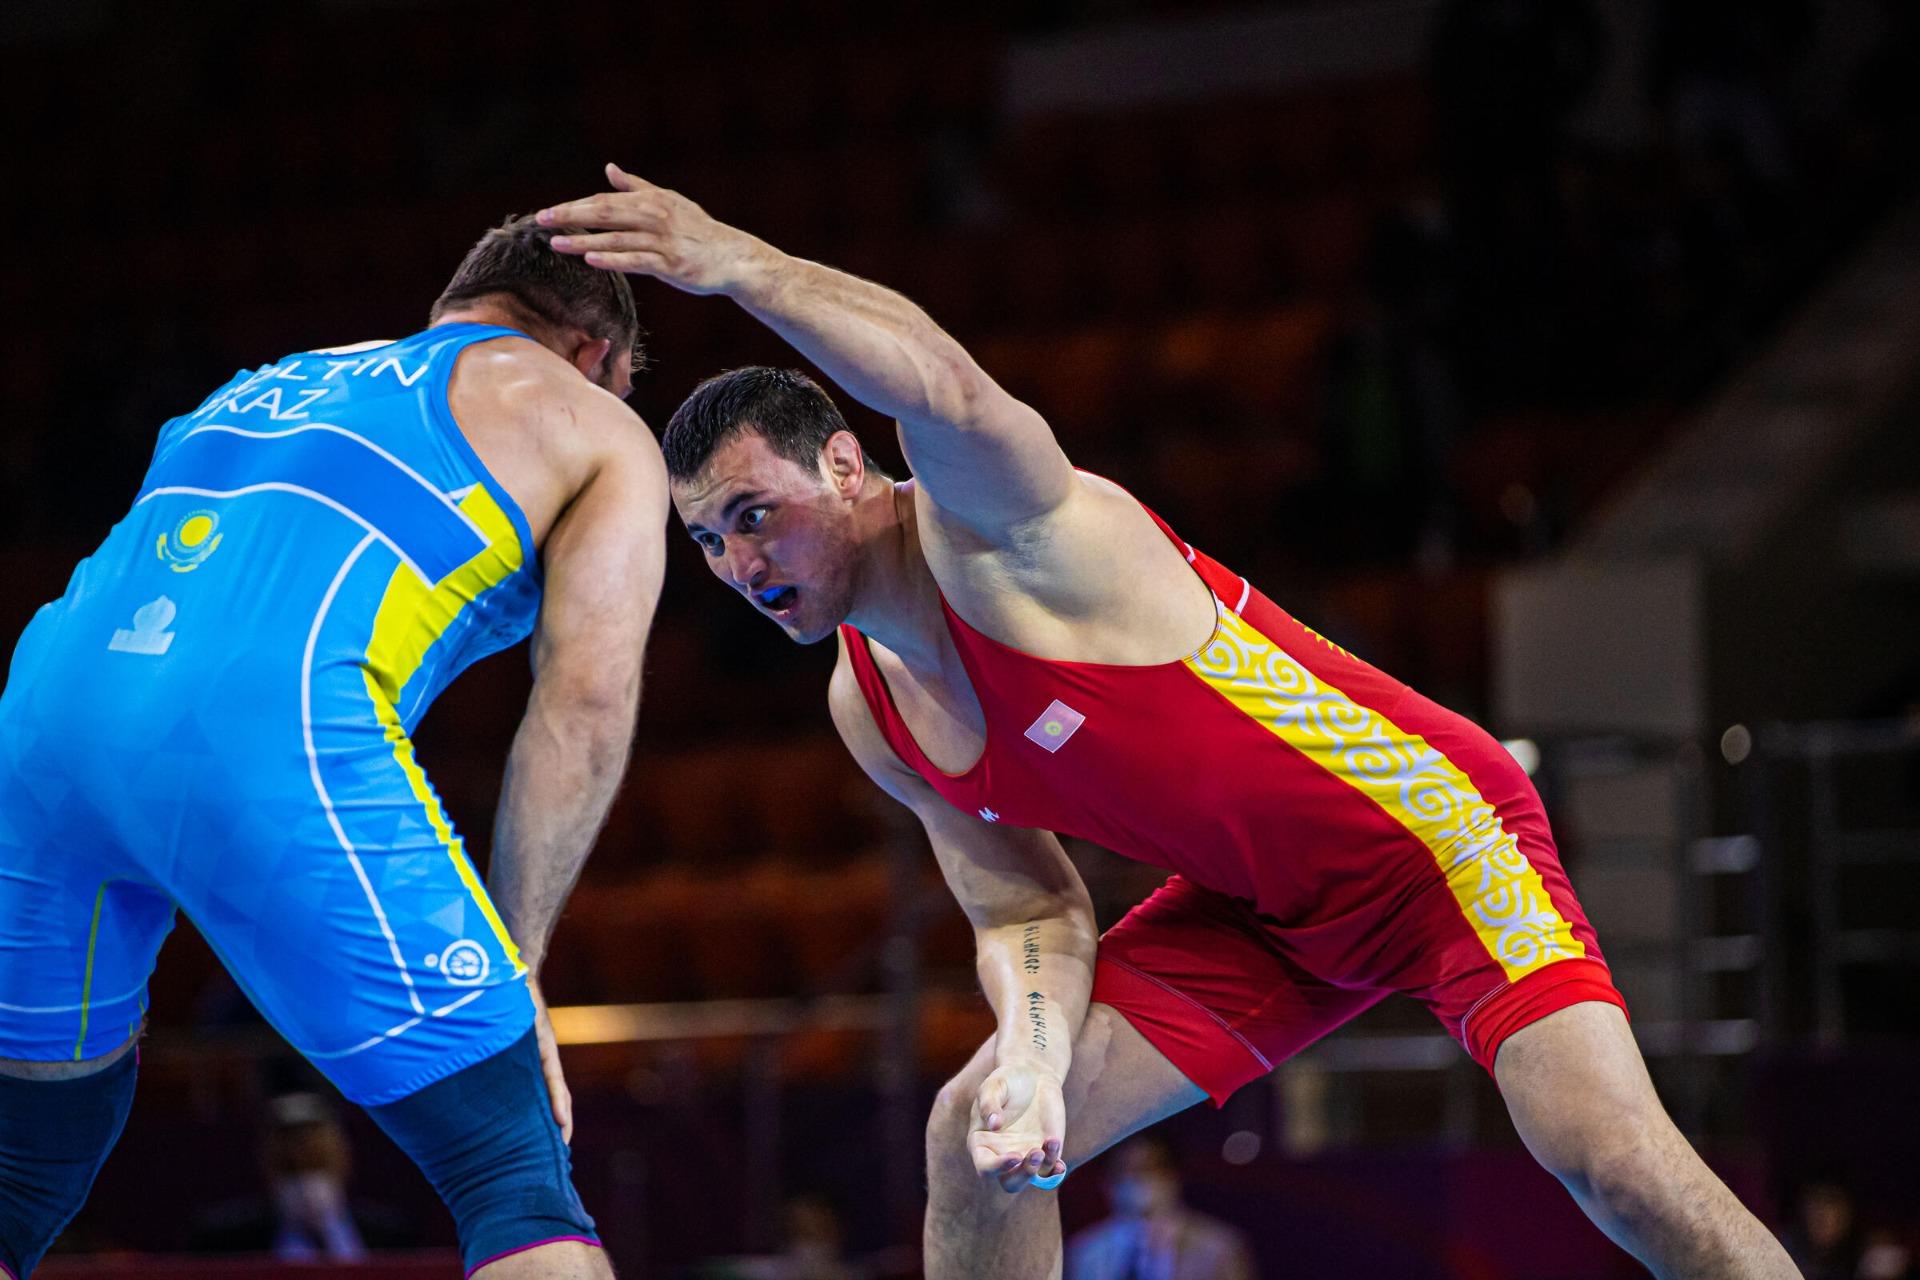 Айаал Лазарев уступил турку в утешительной схватке Олимпийских игр